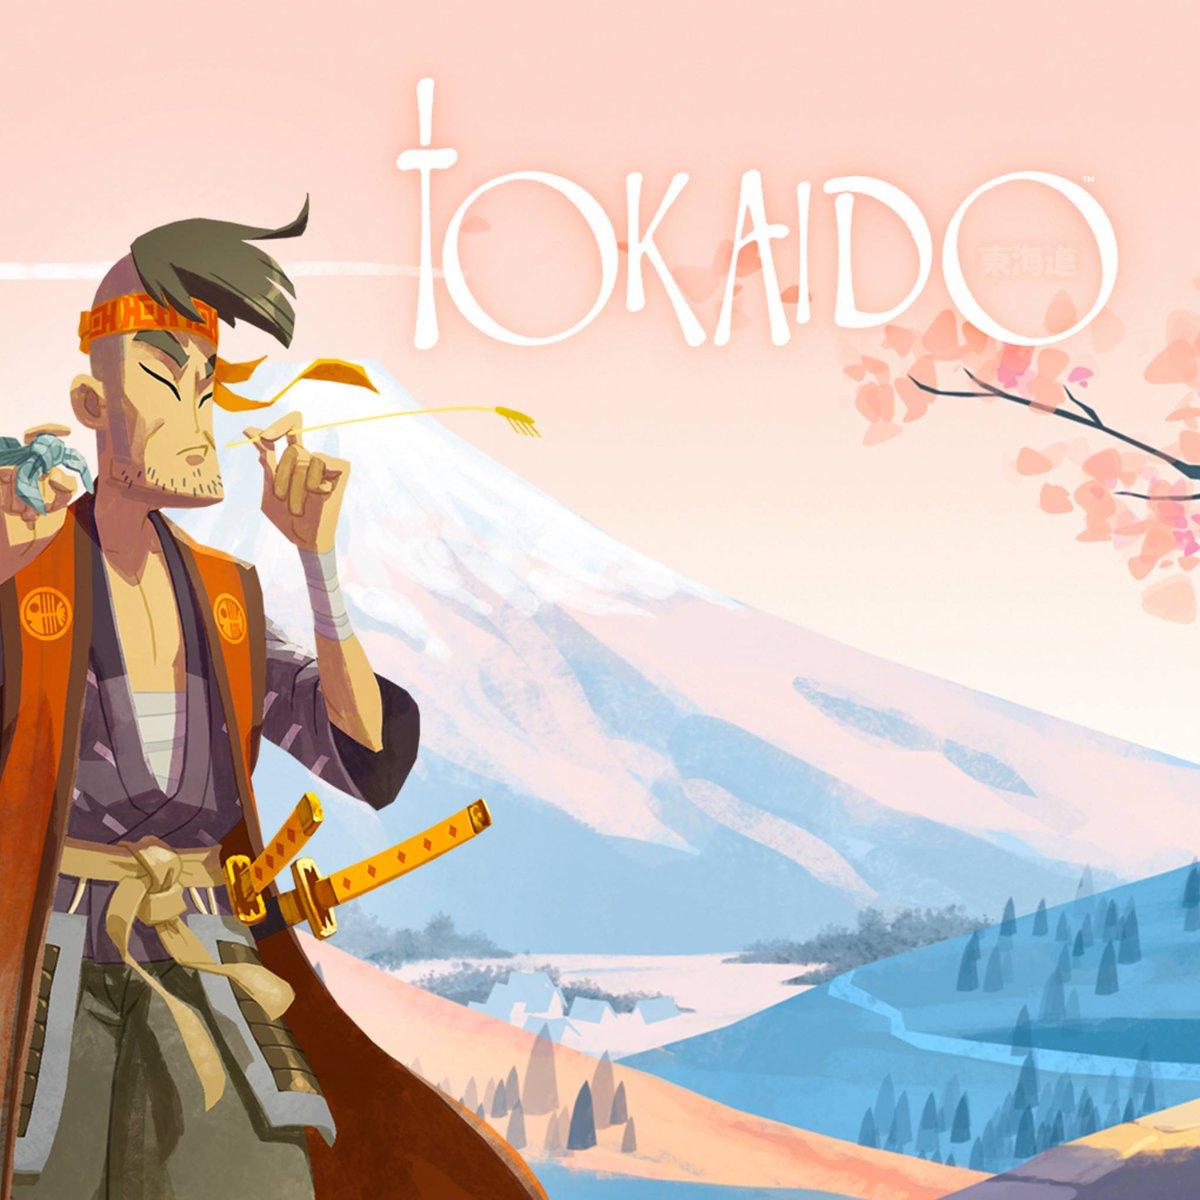 Gratis :: Tokaido y 4 Juegos (Android e IOS)